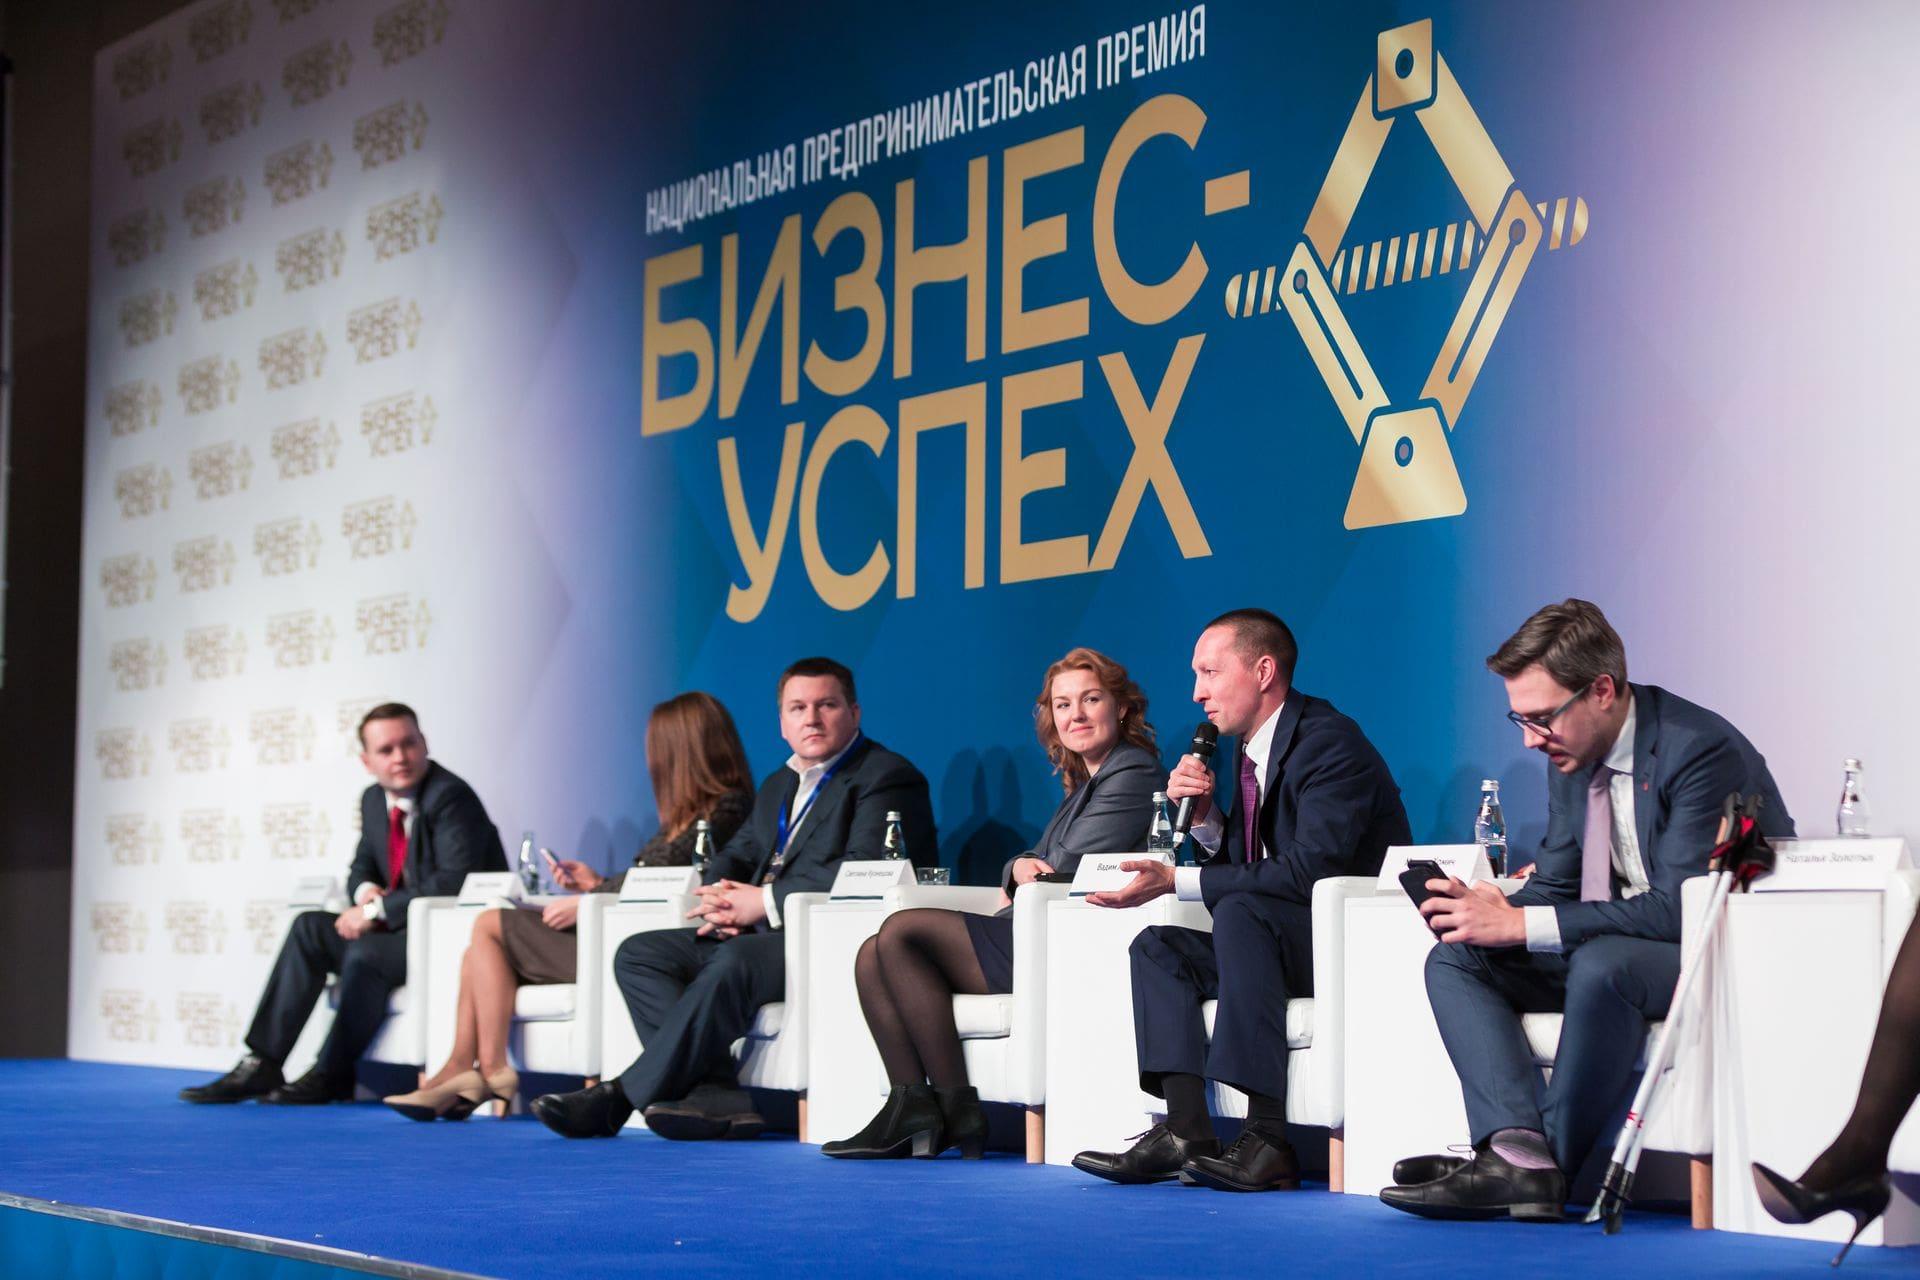 Вадим Лобов – спикер форума, посвящённого премии «Бизнес-Успех»